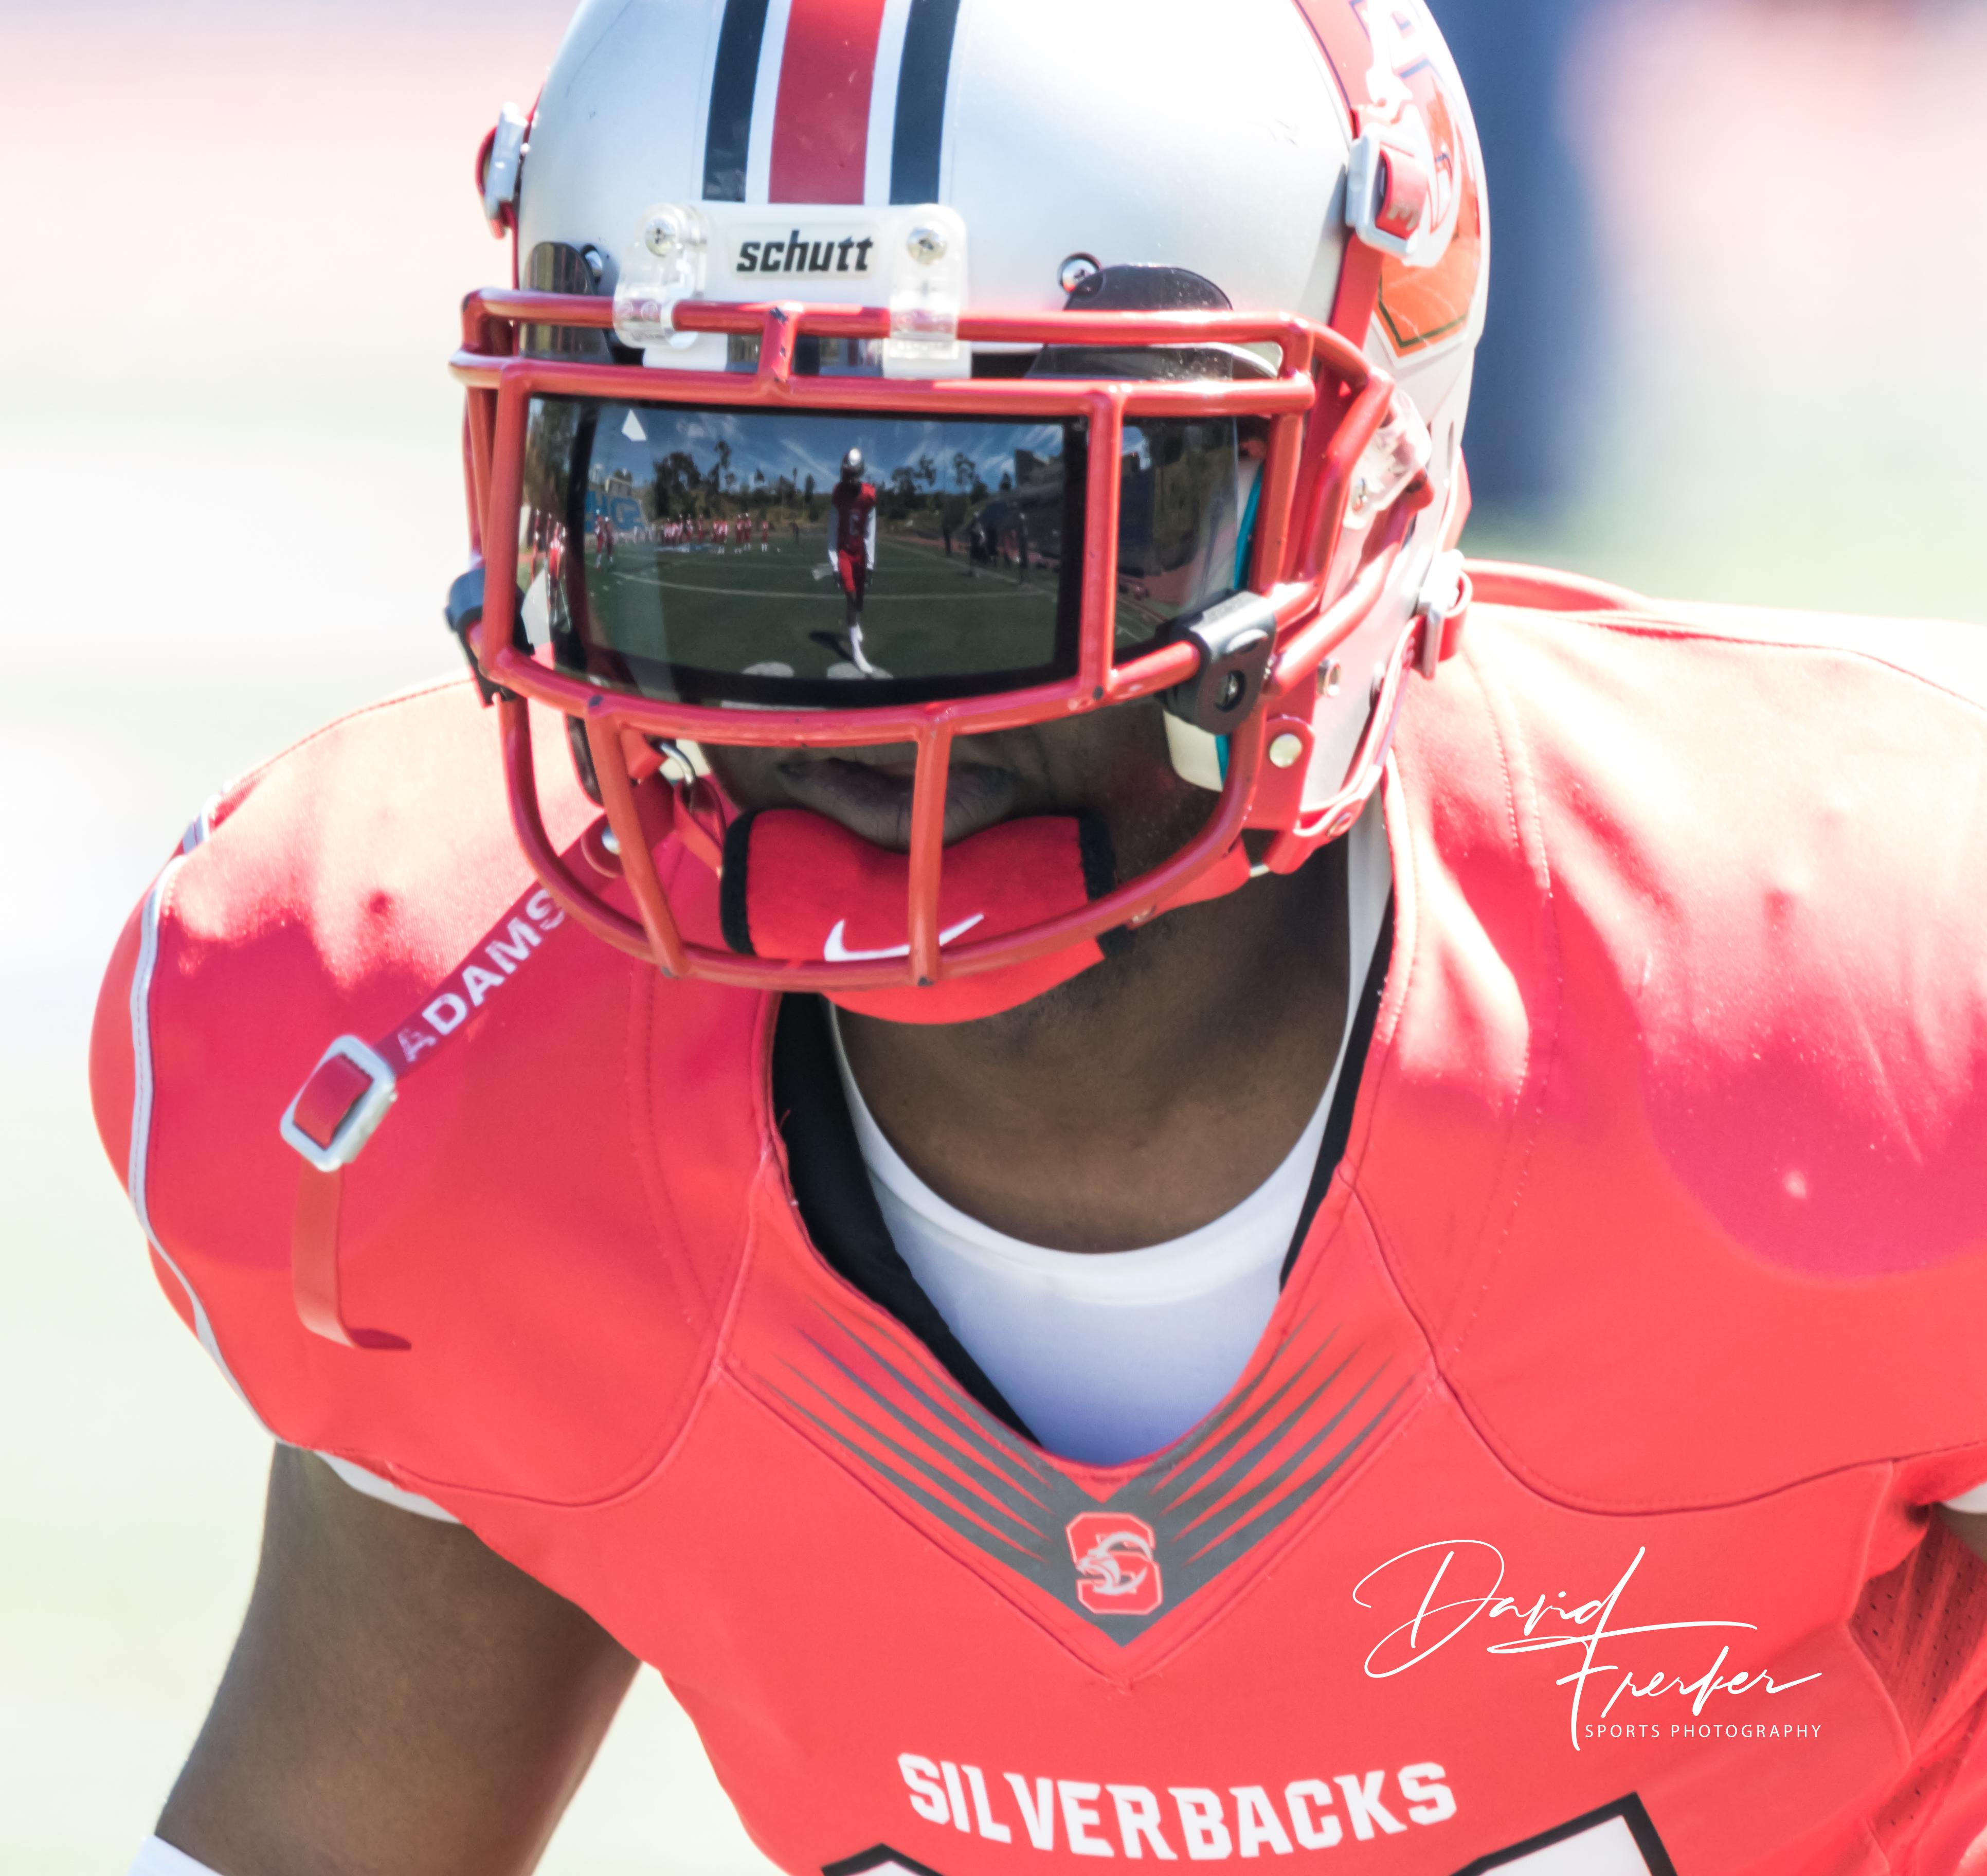 Silverbacks13